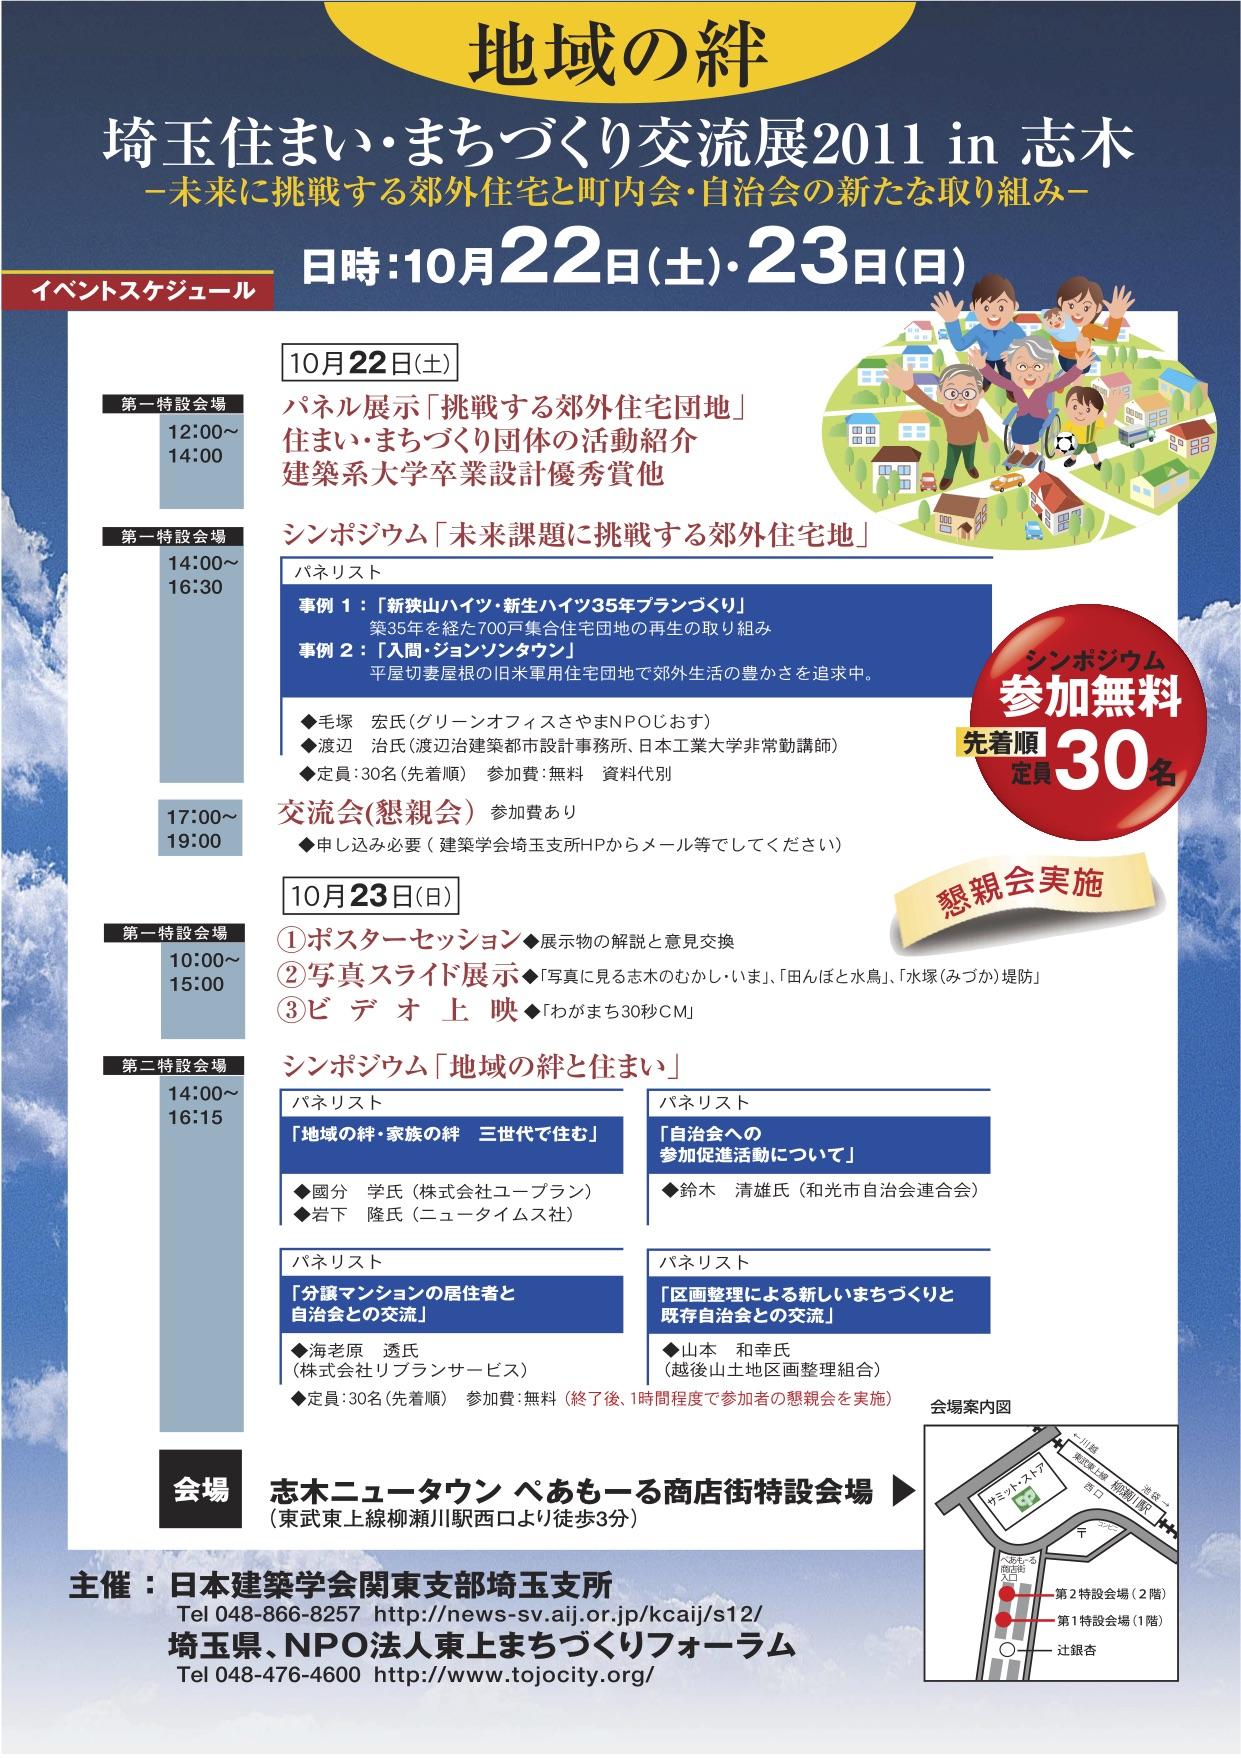 埼玉住まい・まちづくり交流展2011in志木